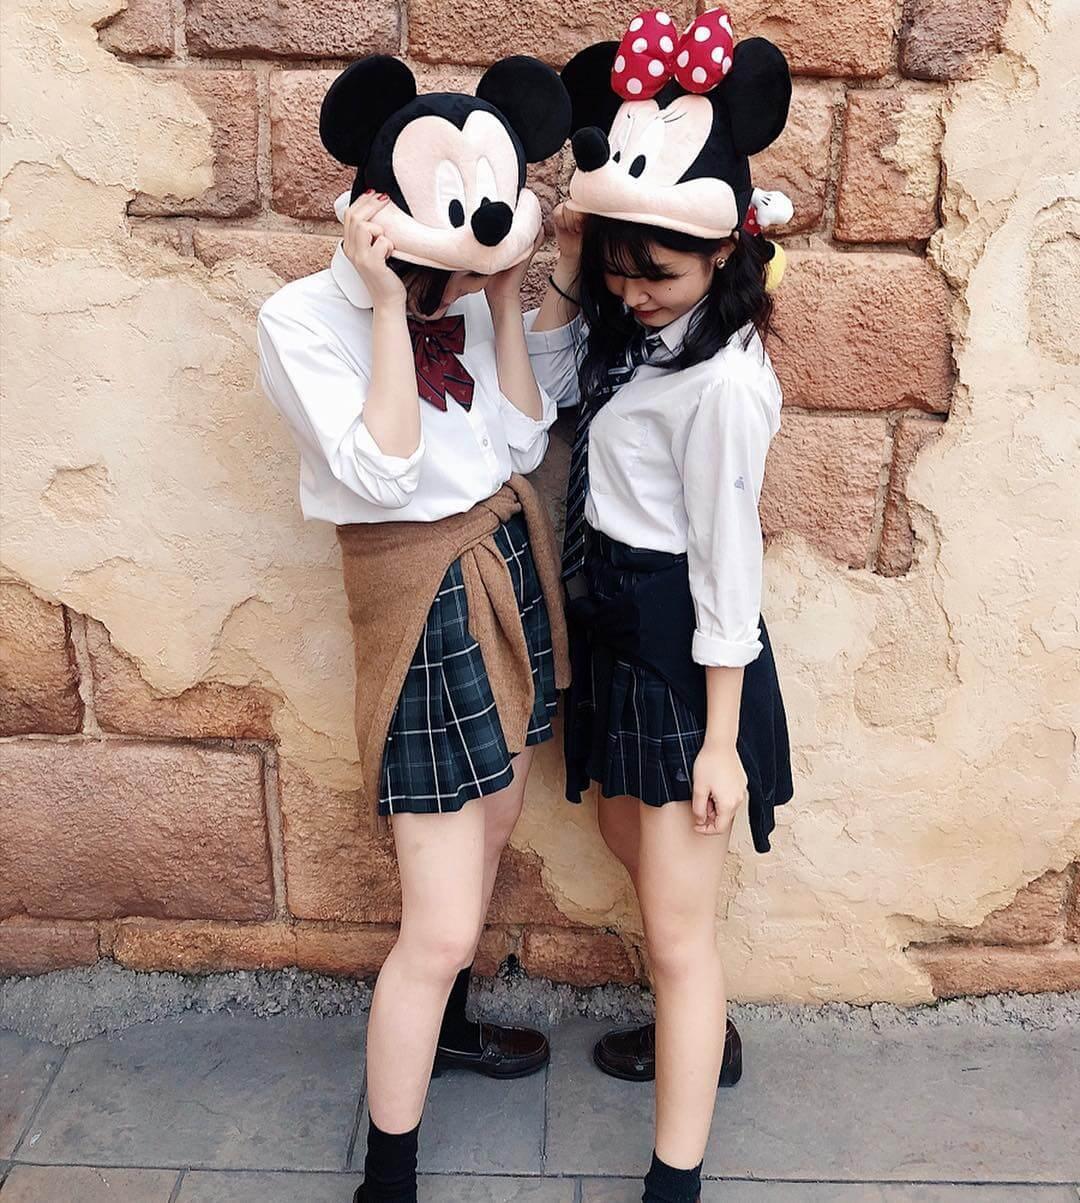 【画像】女子高生が最後の青春作りにディズニーへ